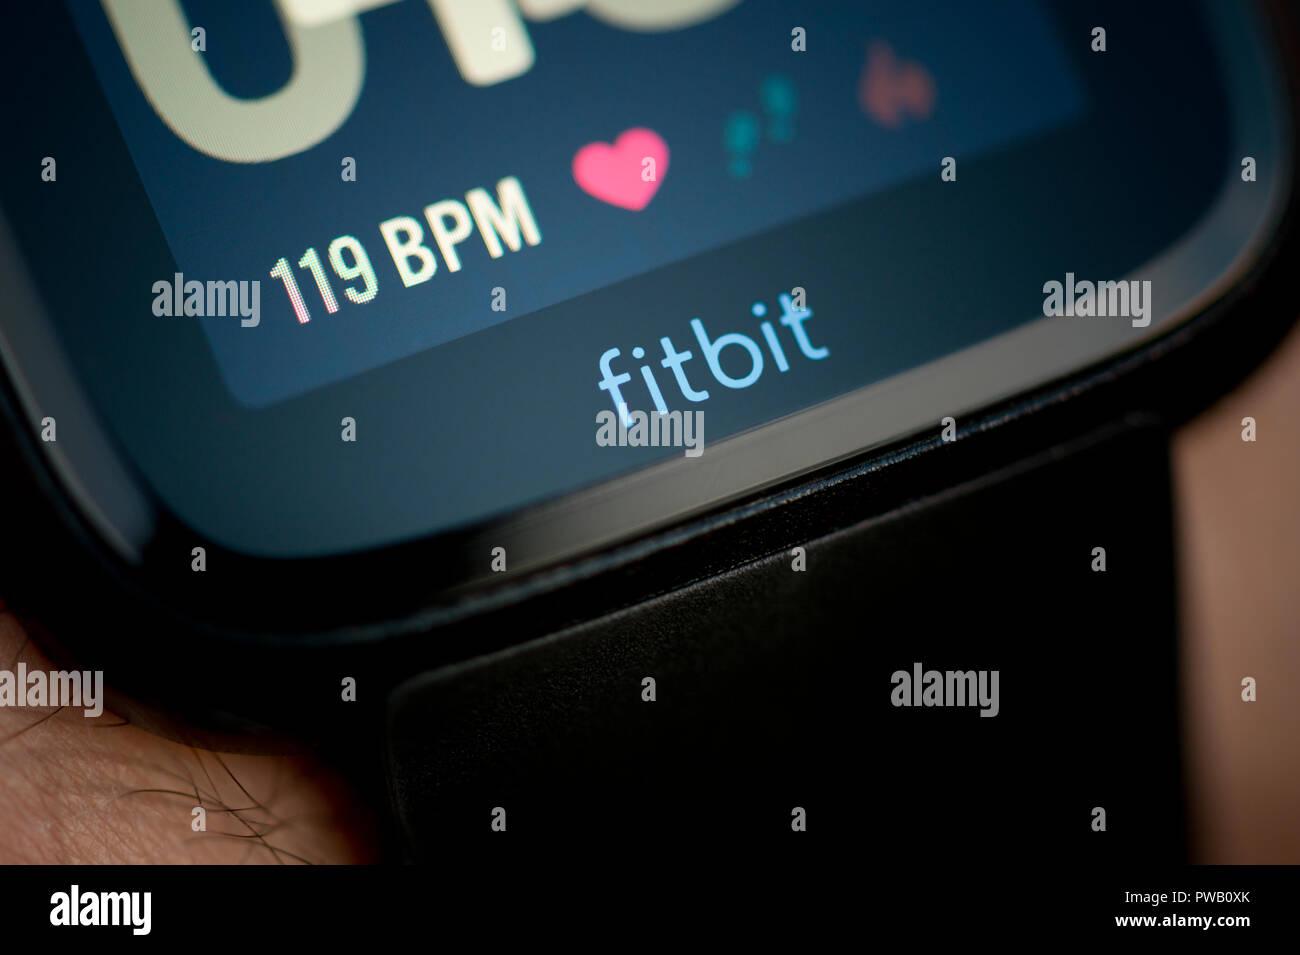 Un hombre comprueba su actividad Versa Fitbit tracker incluido monitor de ritmo cardíaco usando BPM unidades durante un ejercicio de entrenamiento. Imagen De Stock